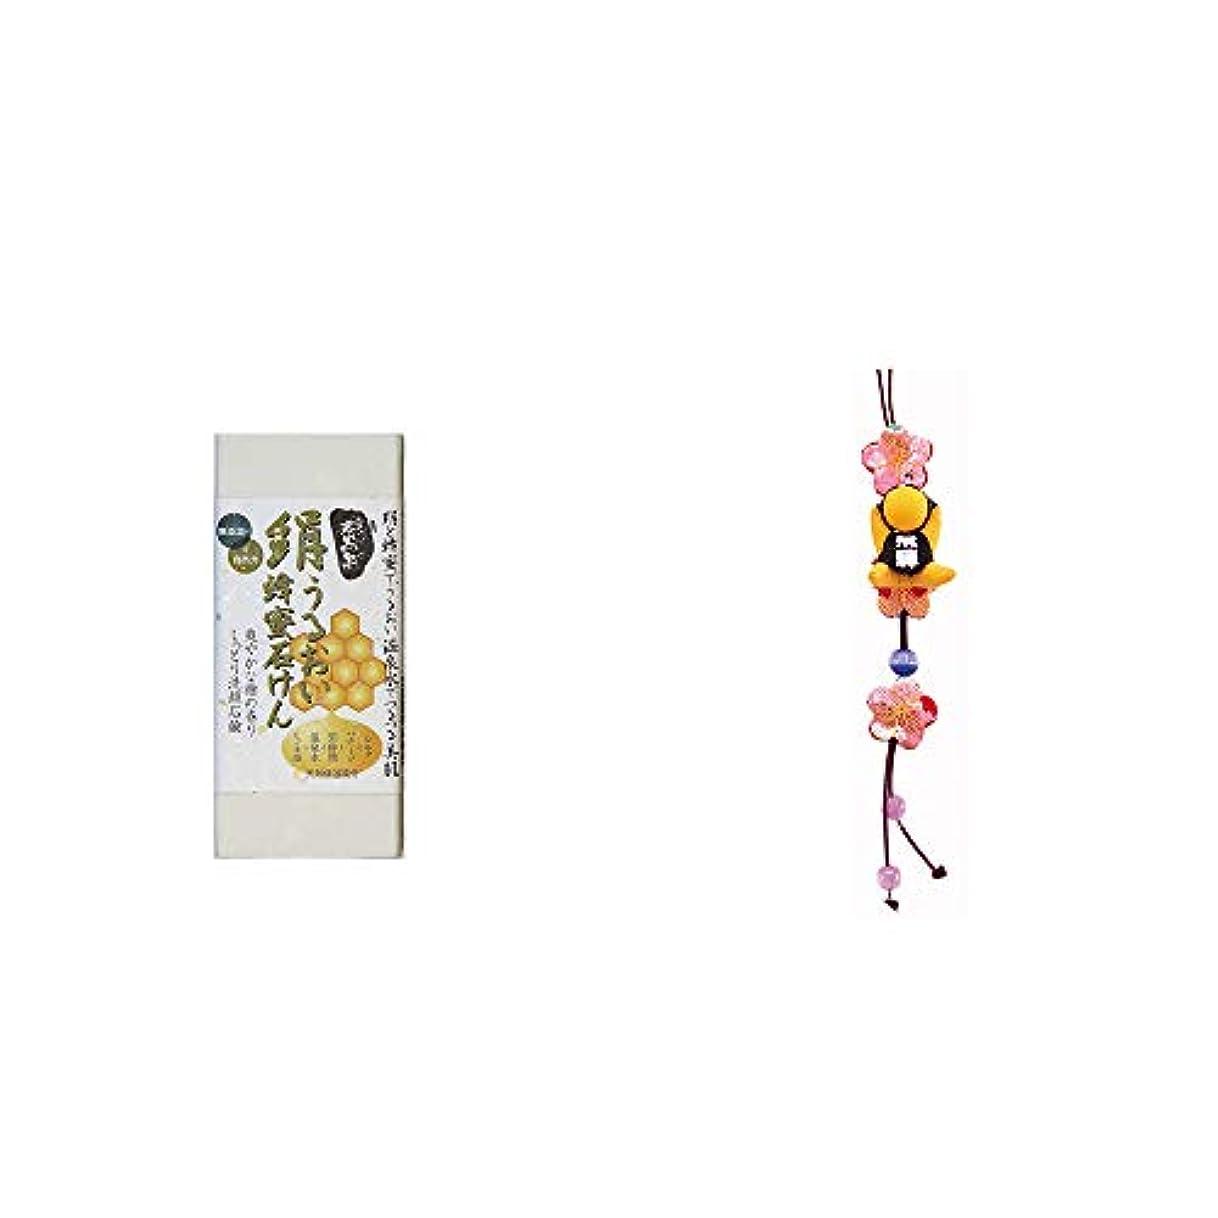 換気ソーシャルアラビア語[2点セット] ひのき炭黒泉 絹うるおい蜂蜜石けん(75g×2)?豆さるぼぼ 和風ストラップ【黄】/ 縁結び?魔除け //